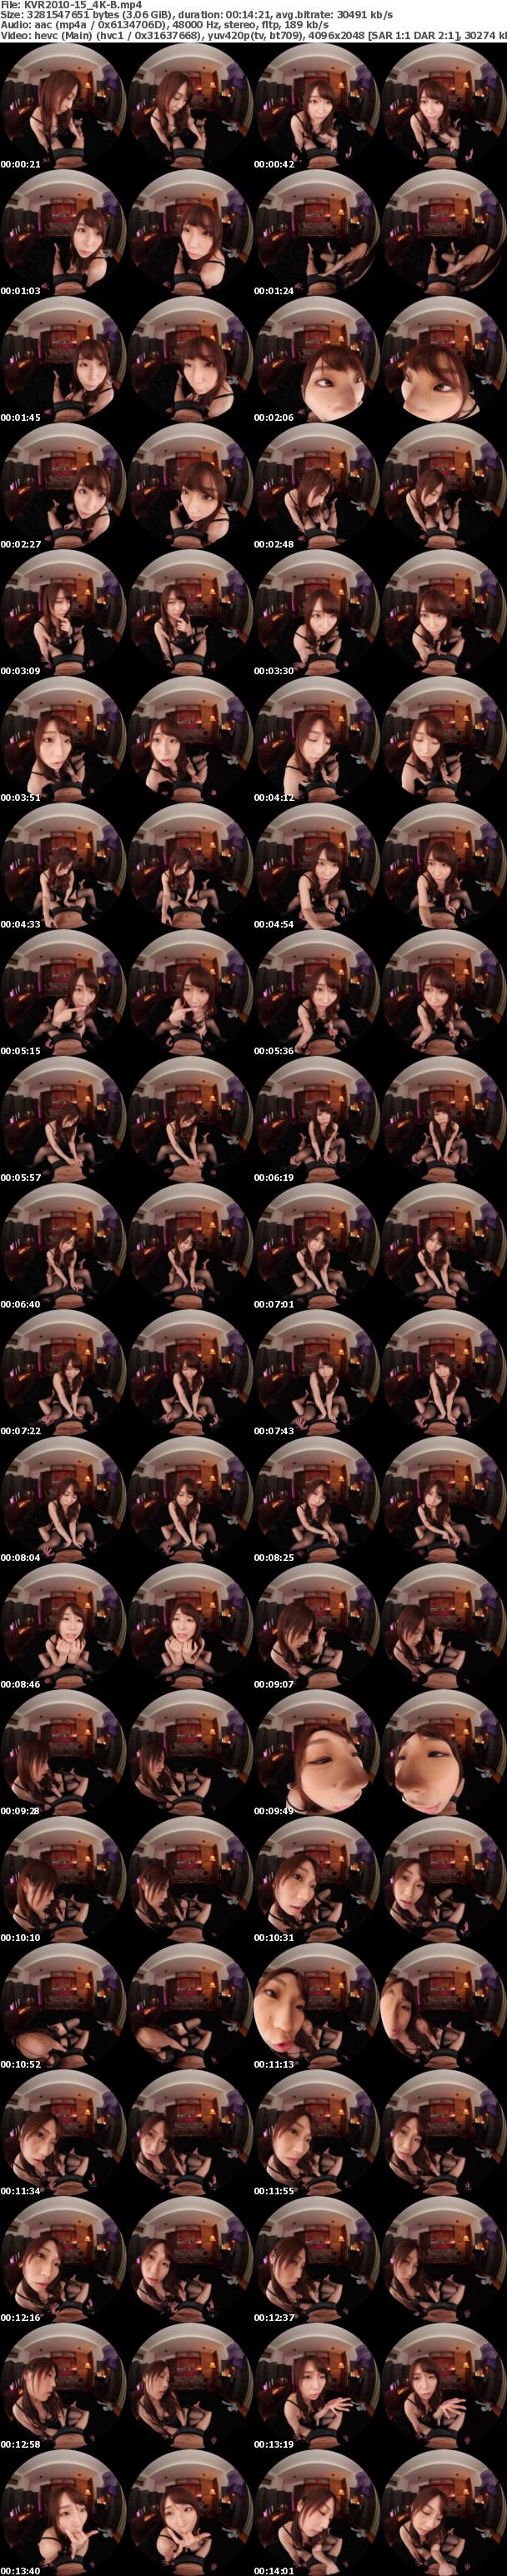 (VR) KVR2010-15【4K匠】イカされて狂い咲く、無制限に射精をループする性感店。人生が狂う究極痴女との出会い 八乃つばさ